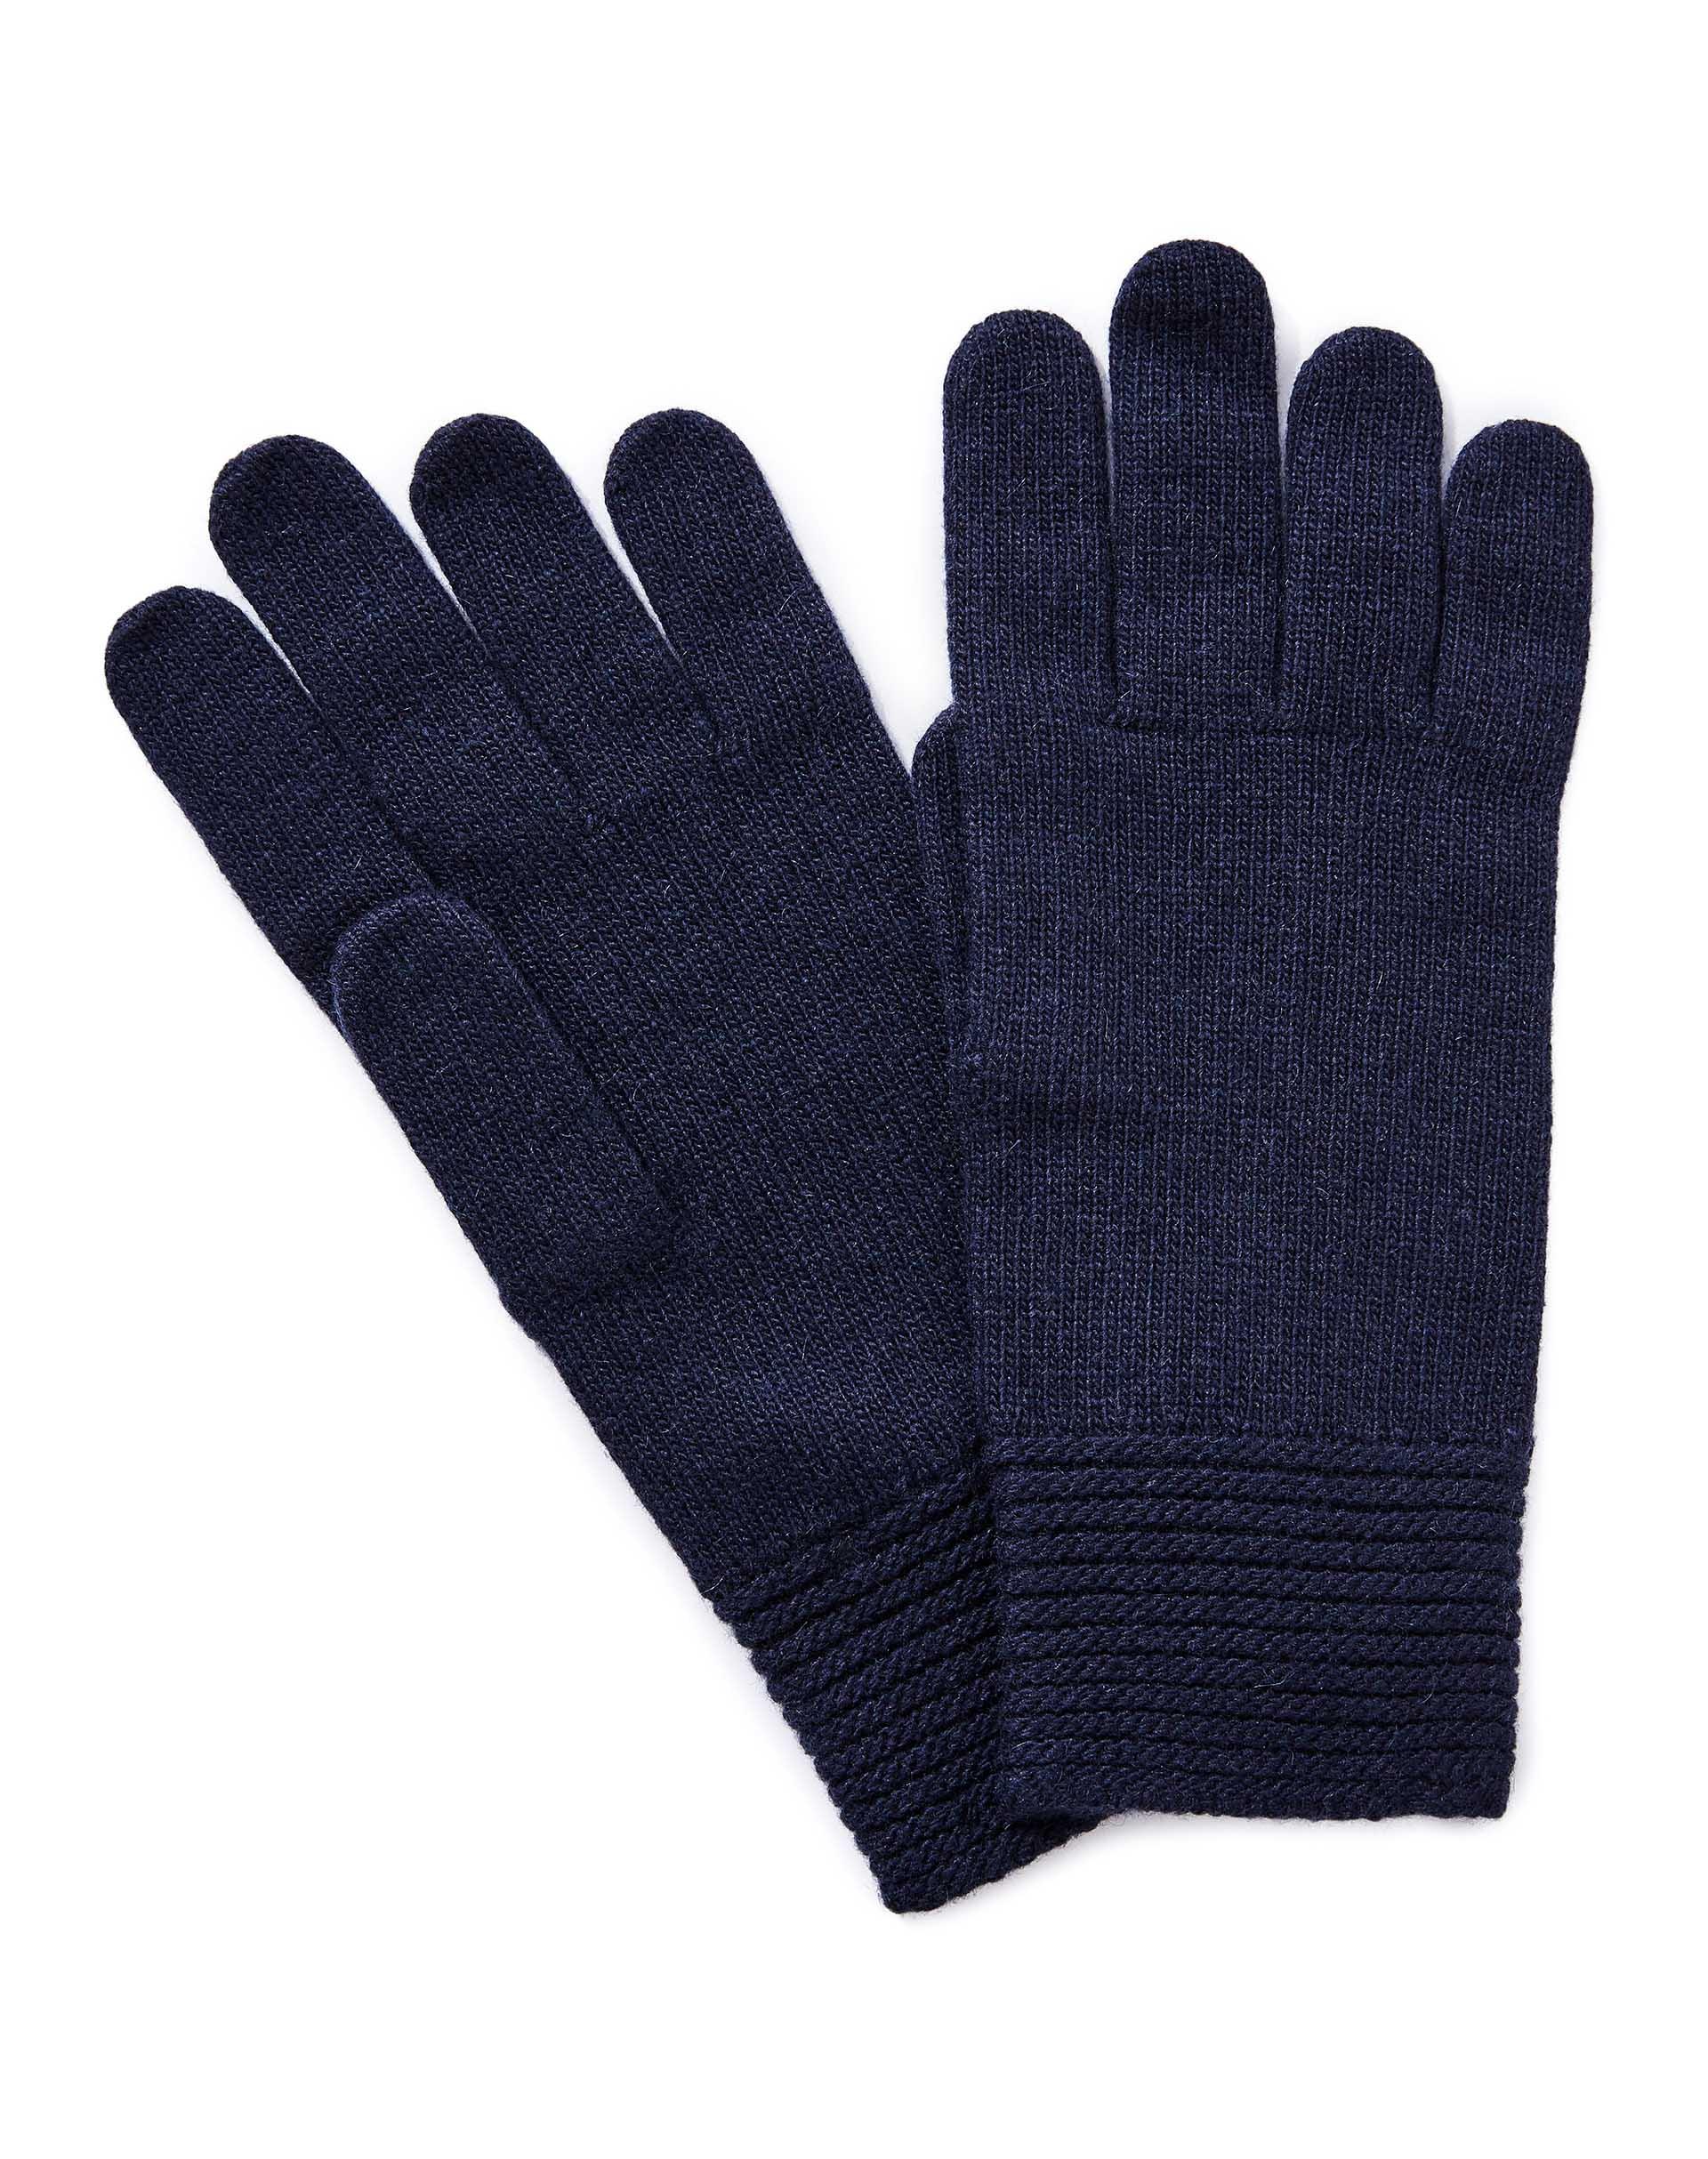 ПерчаткиПерчатки<br>Женские перчатки из полушерстяной пряжи. Высокие эластичные манжеты. Универсальный размер.<br>Цвет: Синий; Размер: OS;